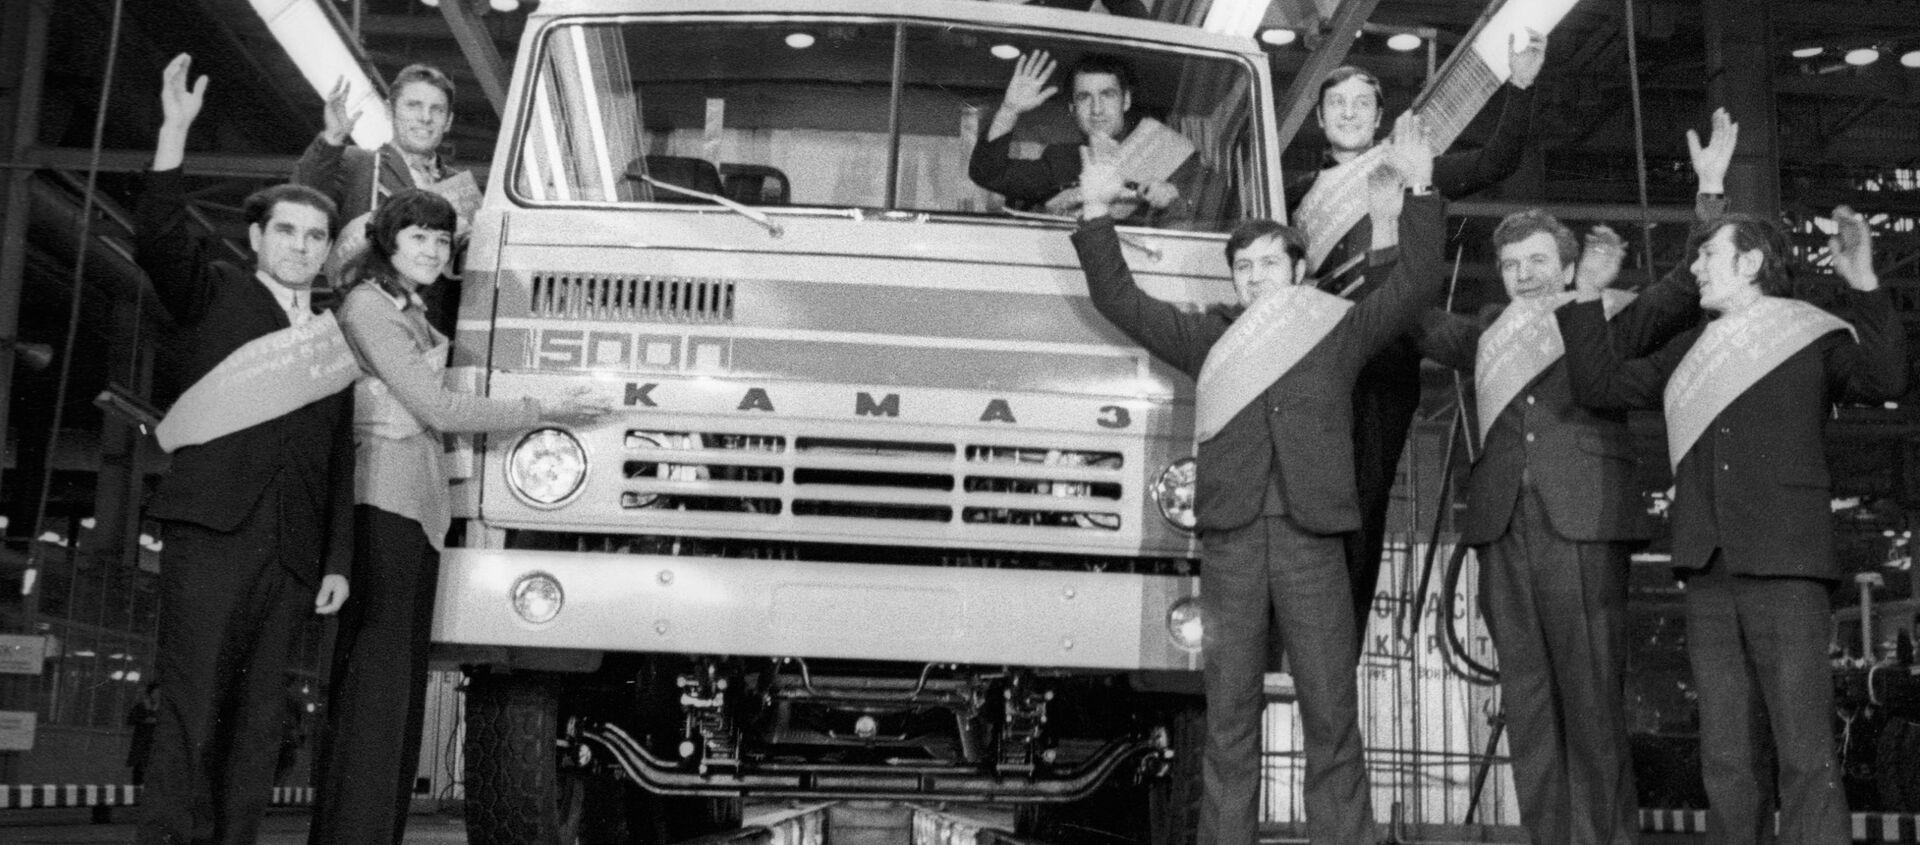 Chiếc xe KAMAZ thứ 5000 trên băng chuyền Nhà máy Sản xuất Xe tải KAMAZ, năm 1976 - Sputnik Việt Nam, 1920, 16.02.2021